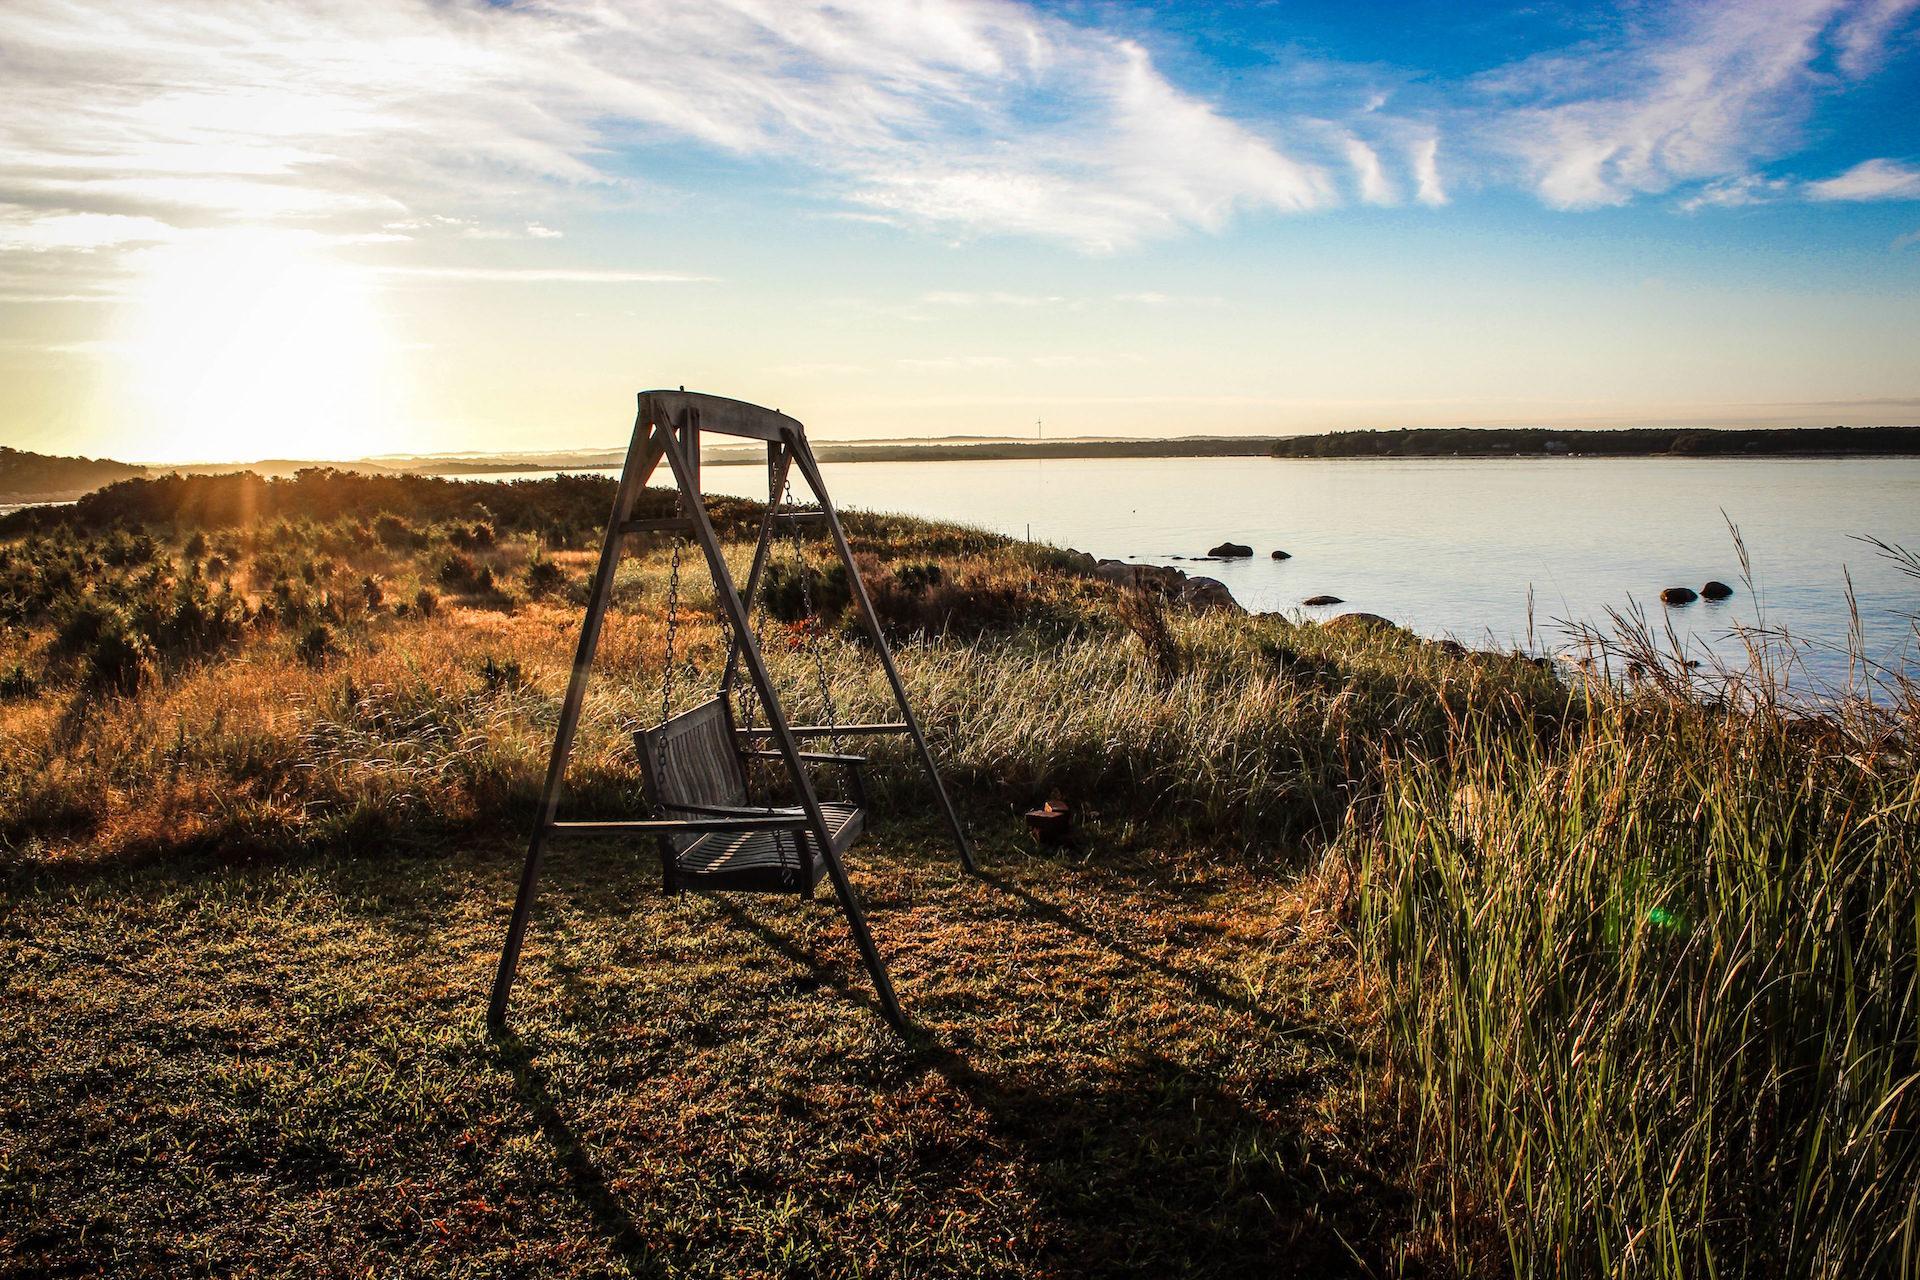 balanço, assento, amanhecer, Lago, Relaxe - Papéis de parede HD - Professor-falken.com